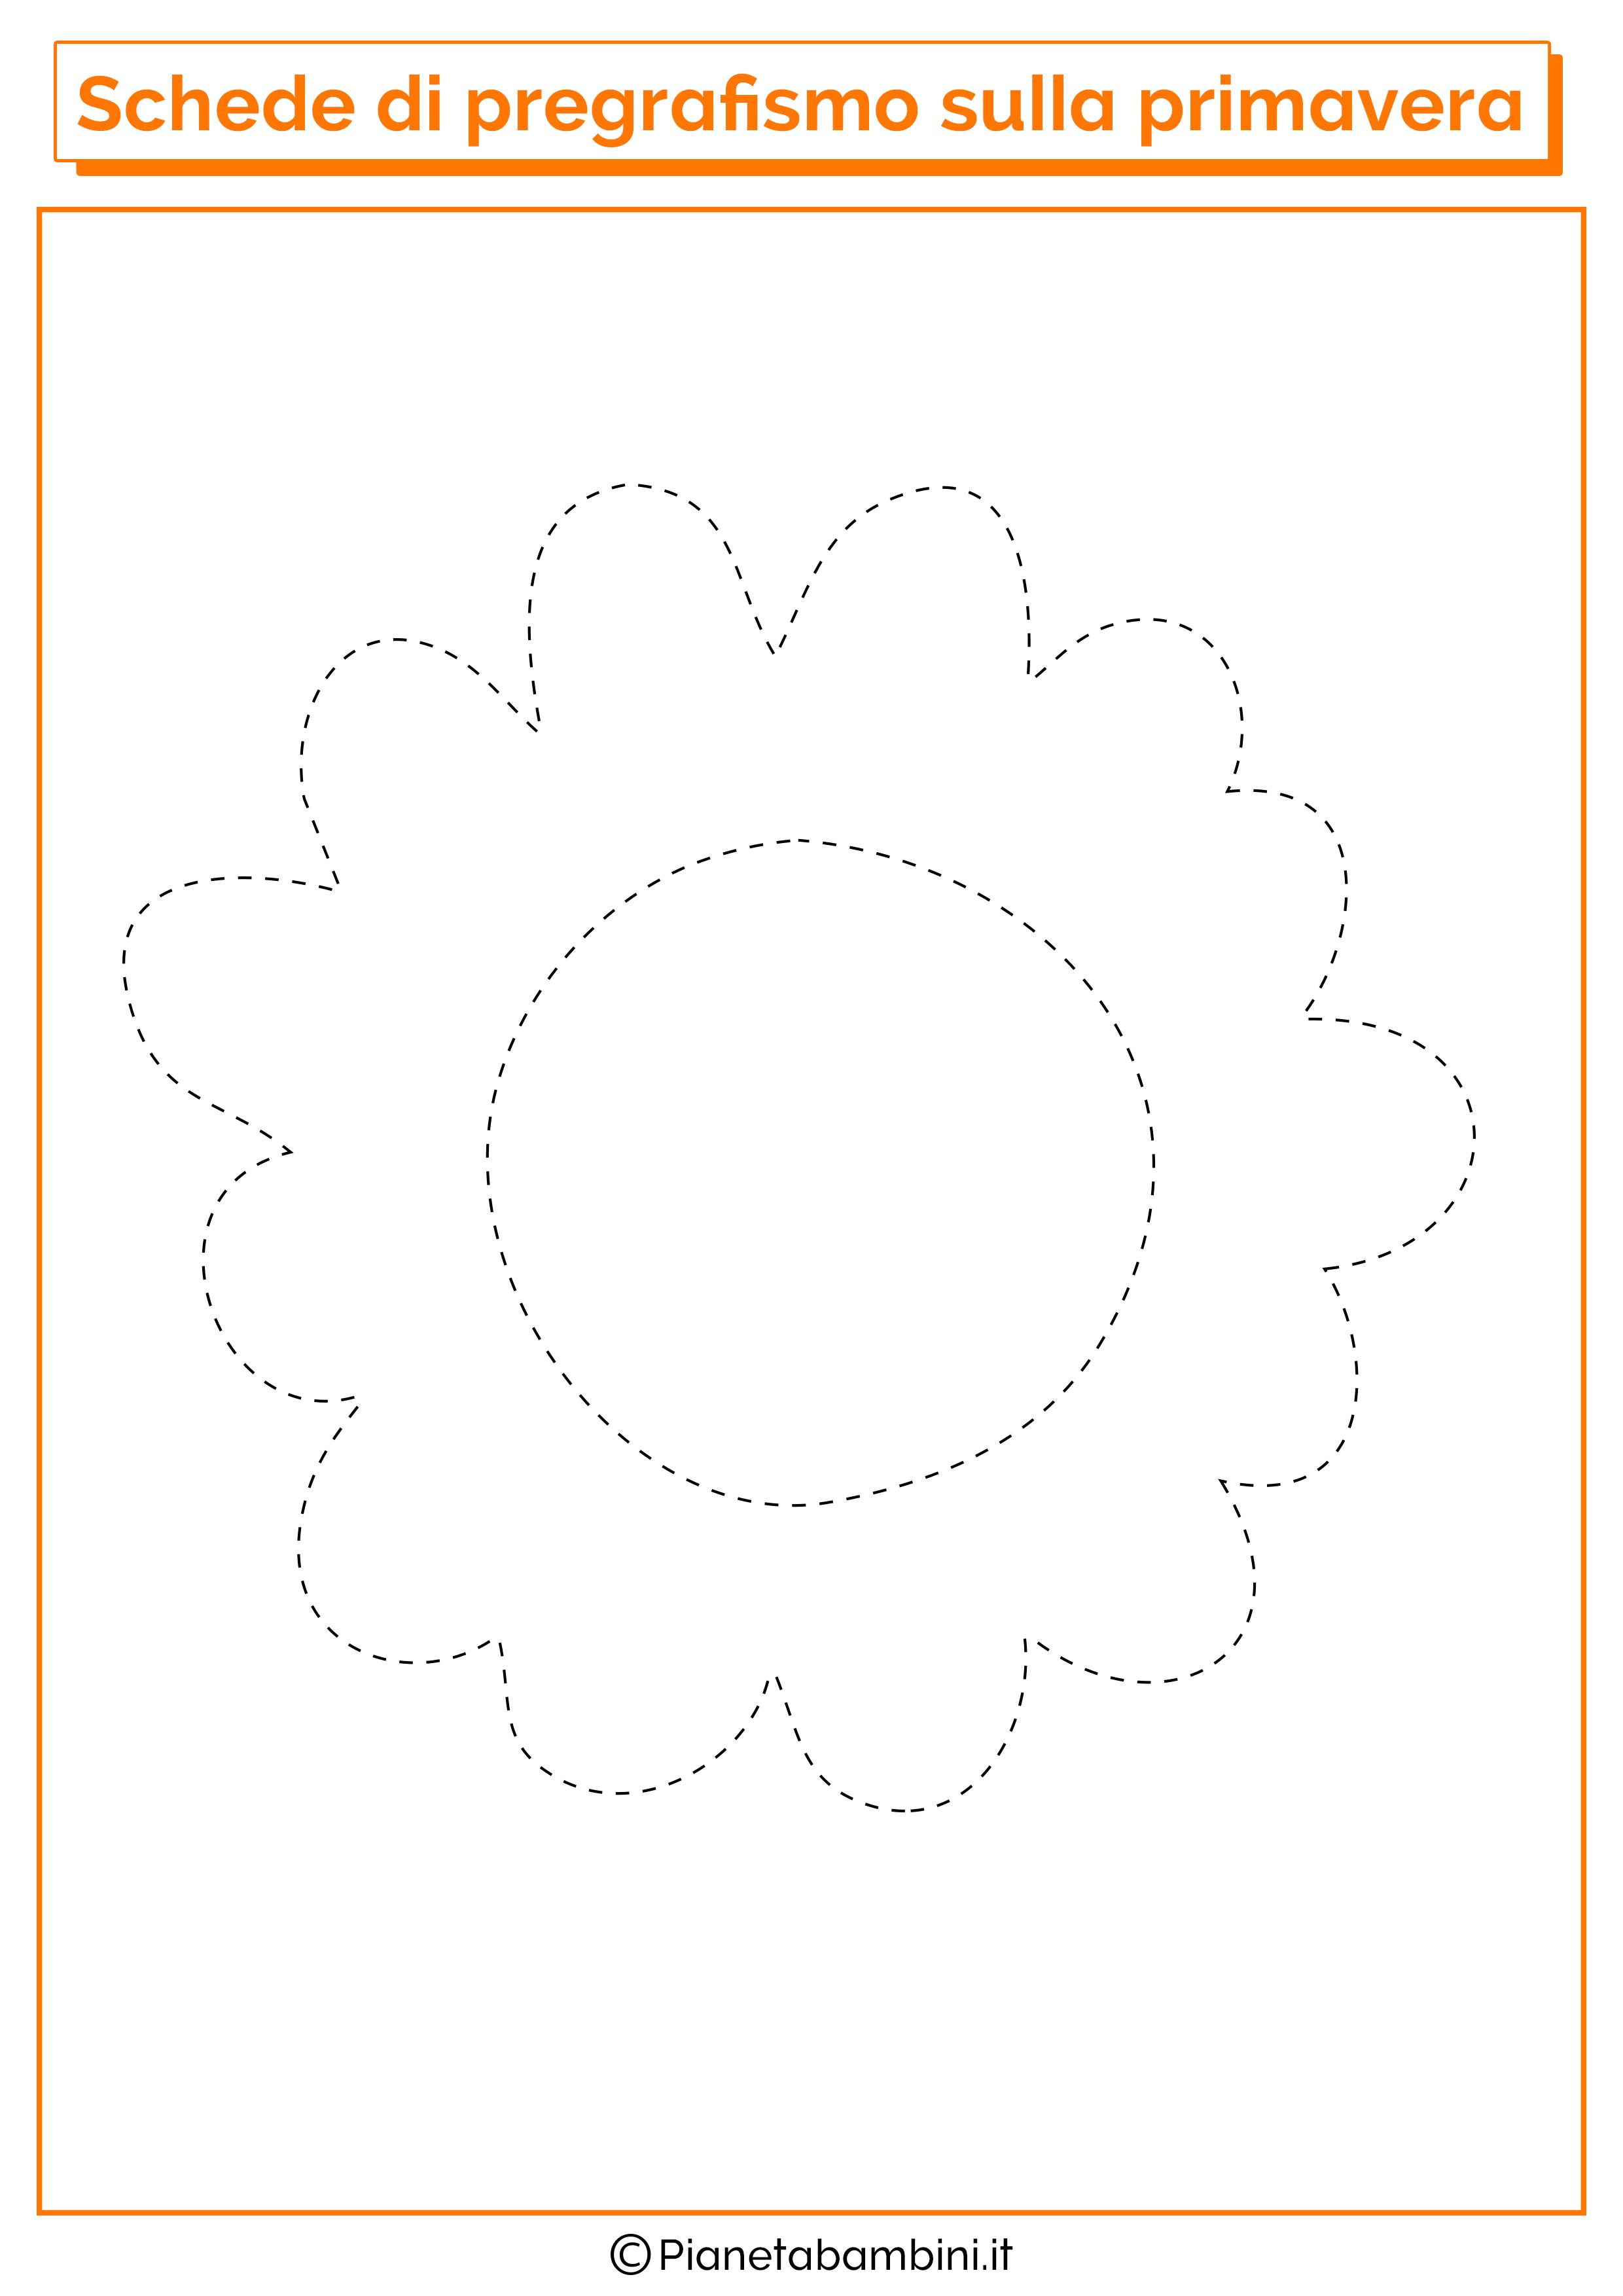 Pregrafismo-Primavera-Fiore-4